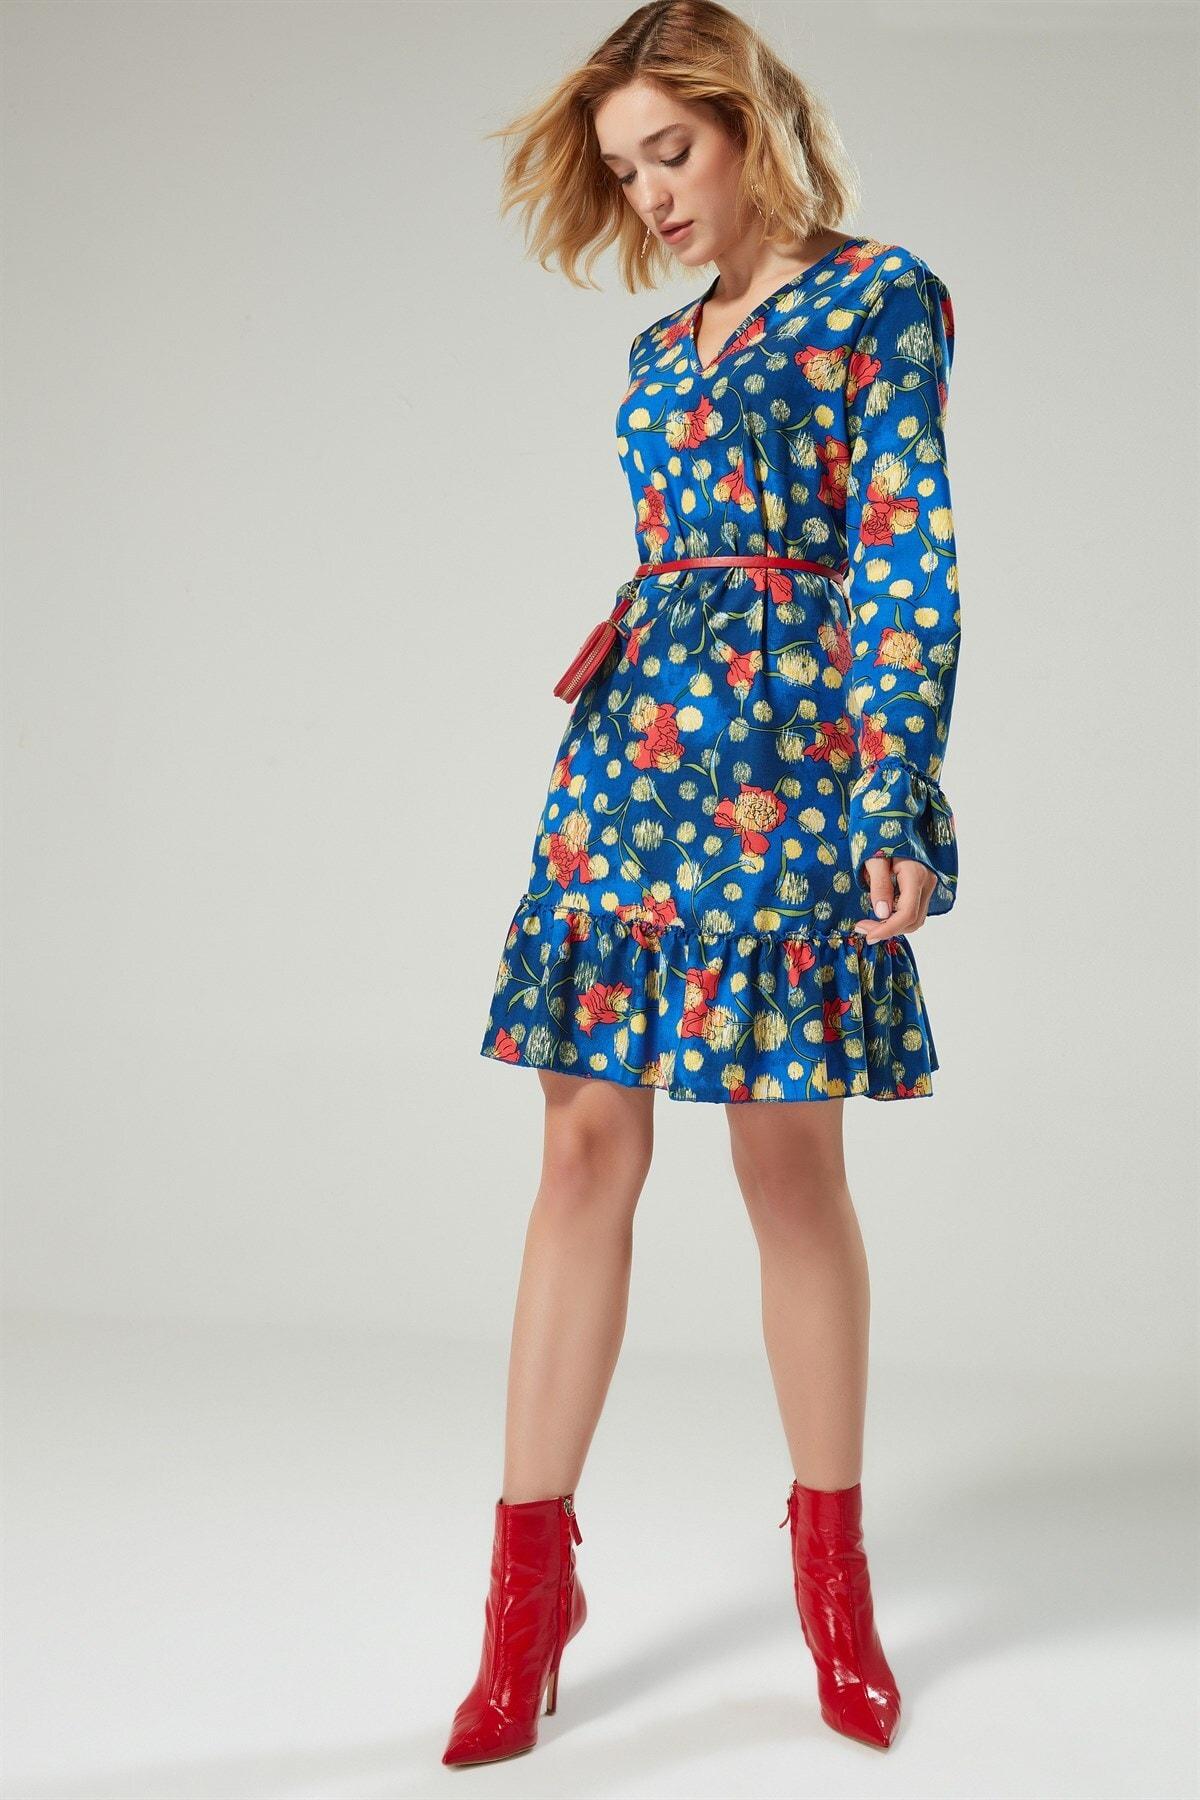 Boutiquen Kadın Mavi Çiçekli V Yaka Desenli Elbise 2150